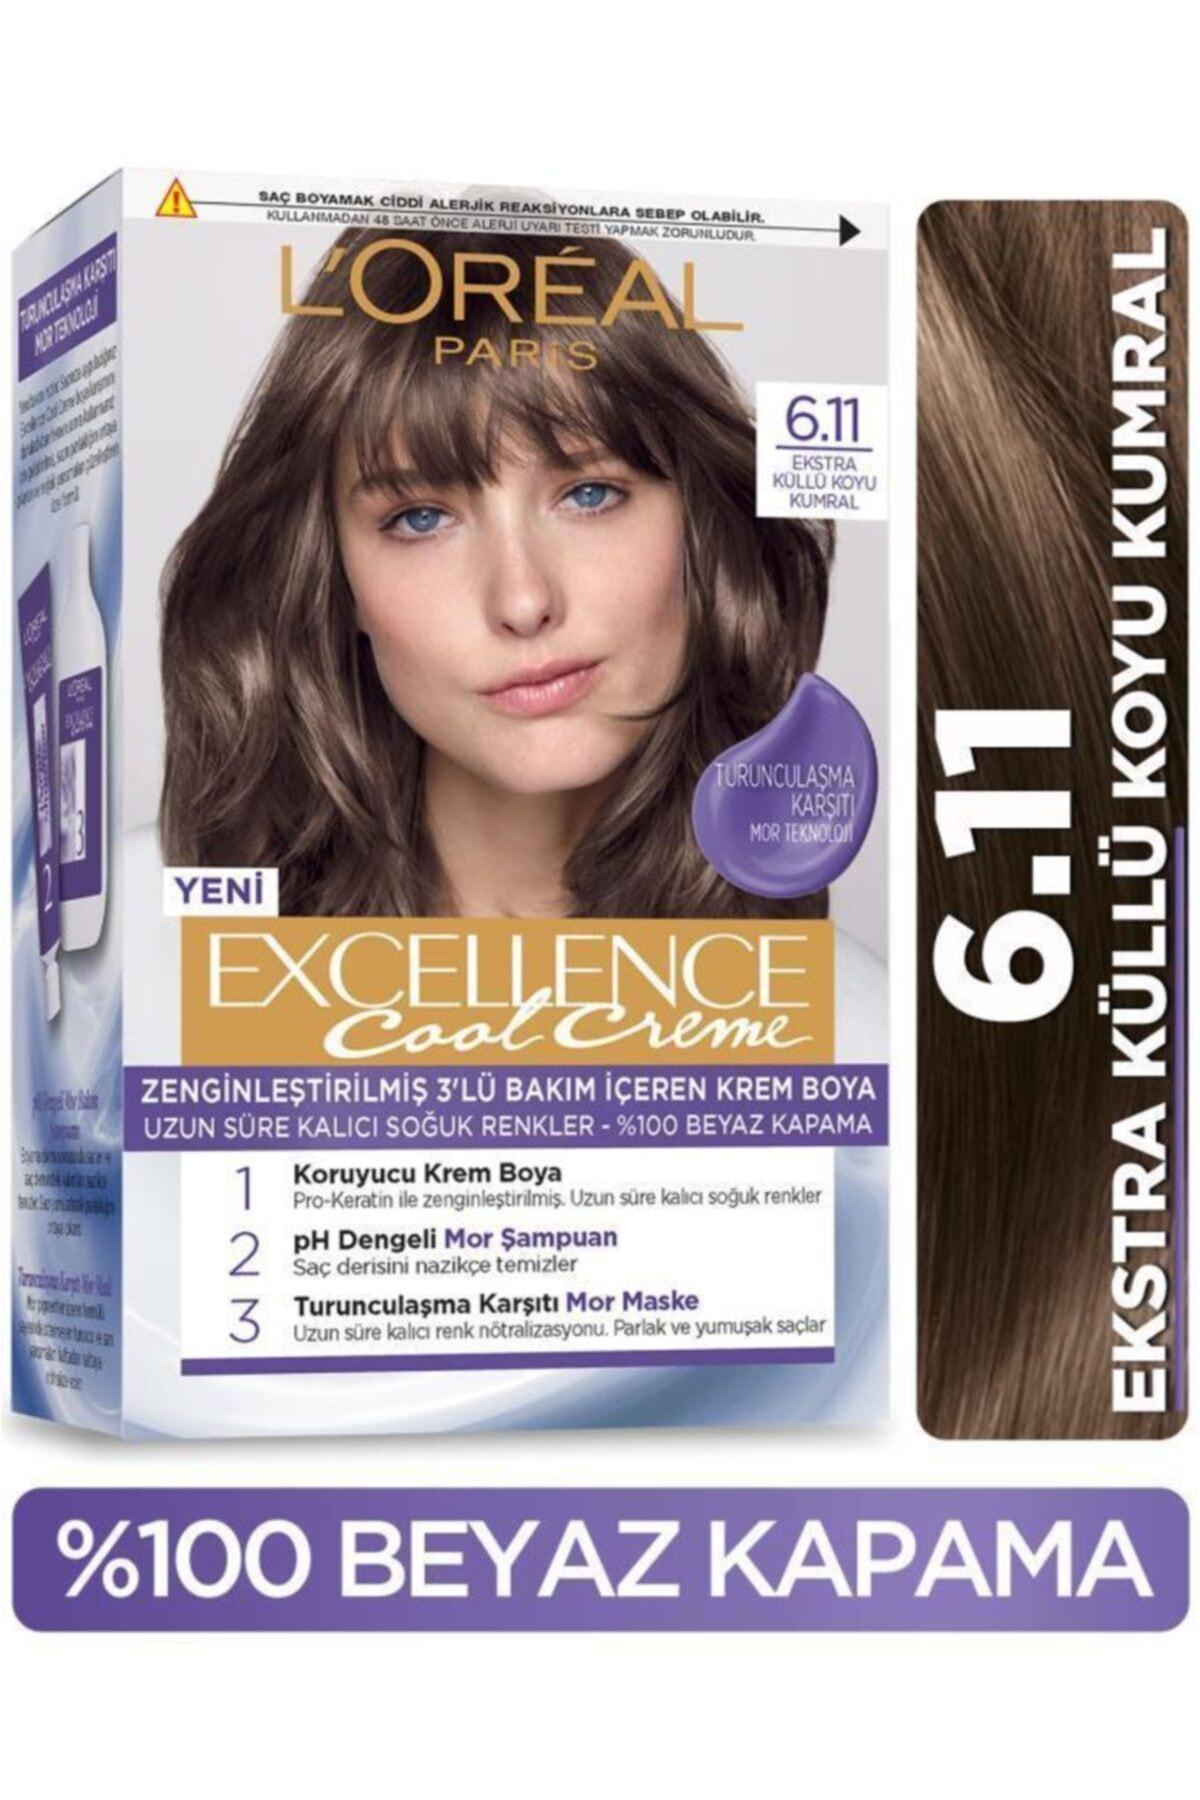 L'Oreal Paris L'oréal Paris Excellence Cool Creme Saç Boyası – 6.11 Ekstra Küllü Koyu Kumral 1